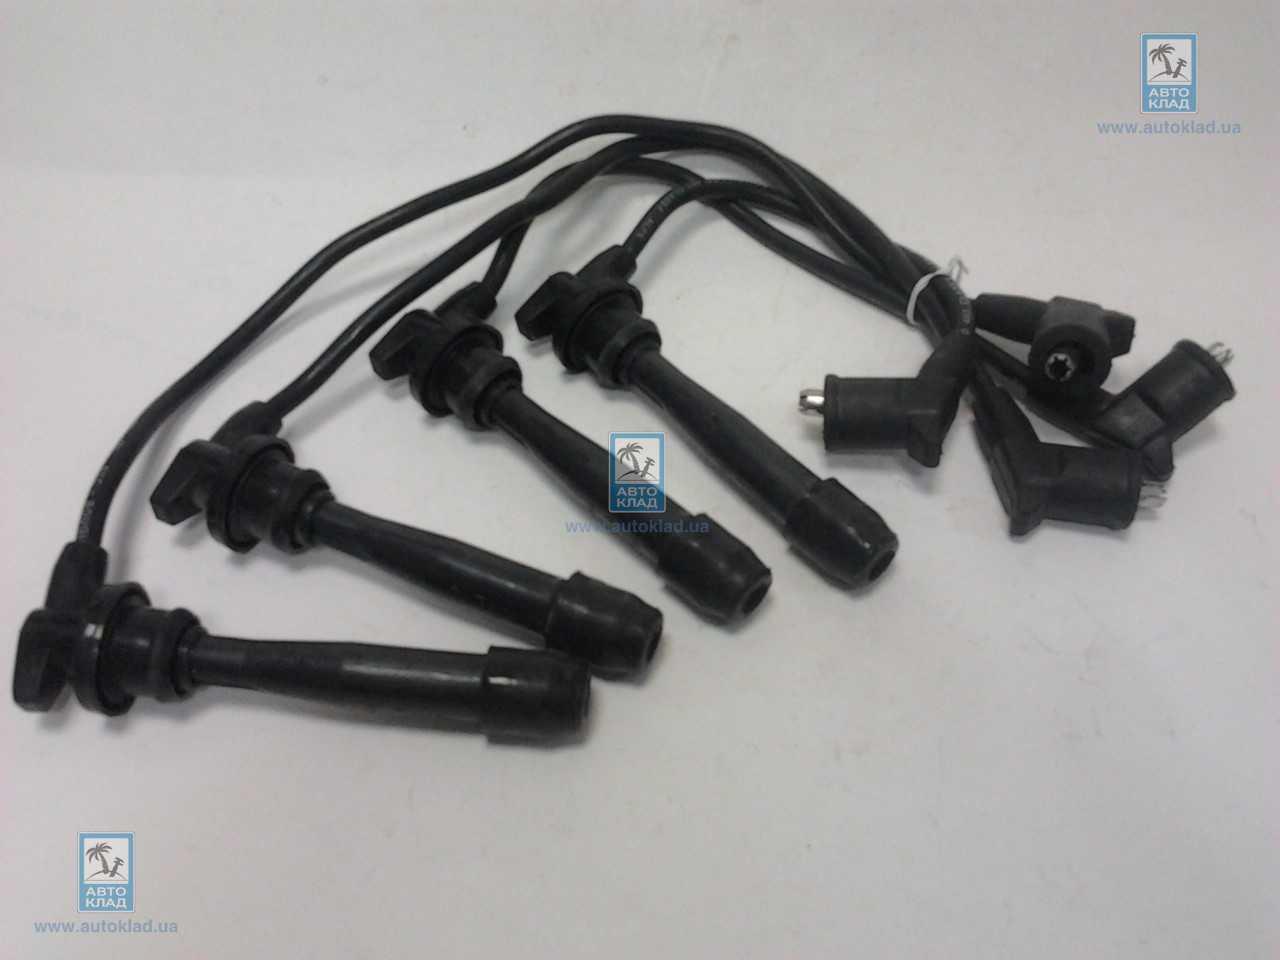 Провода высоковольтные комплект HYUNDAI/KIA 2750126D00